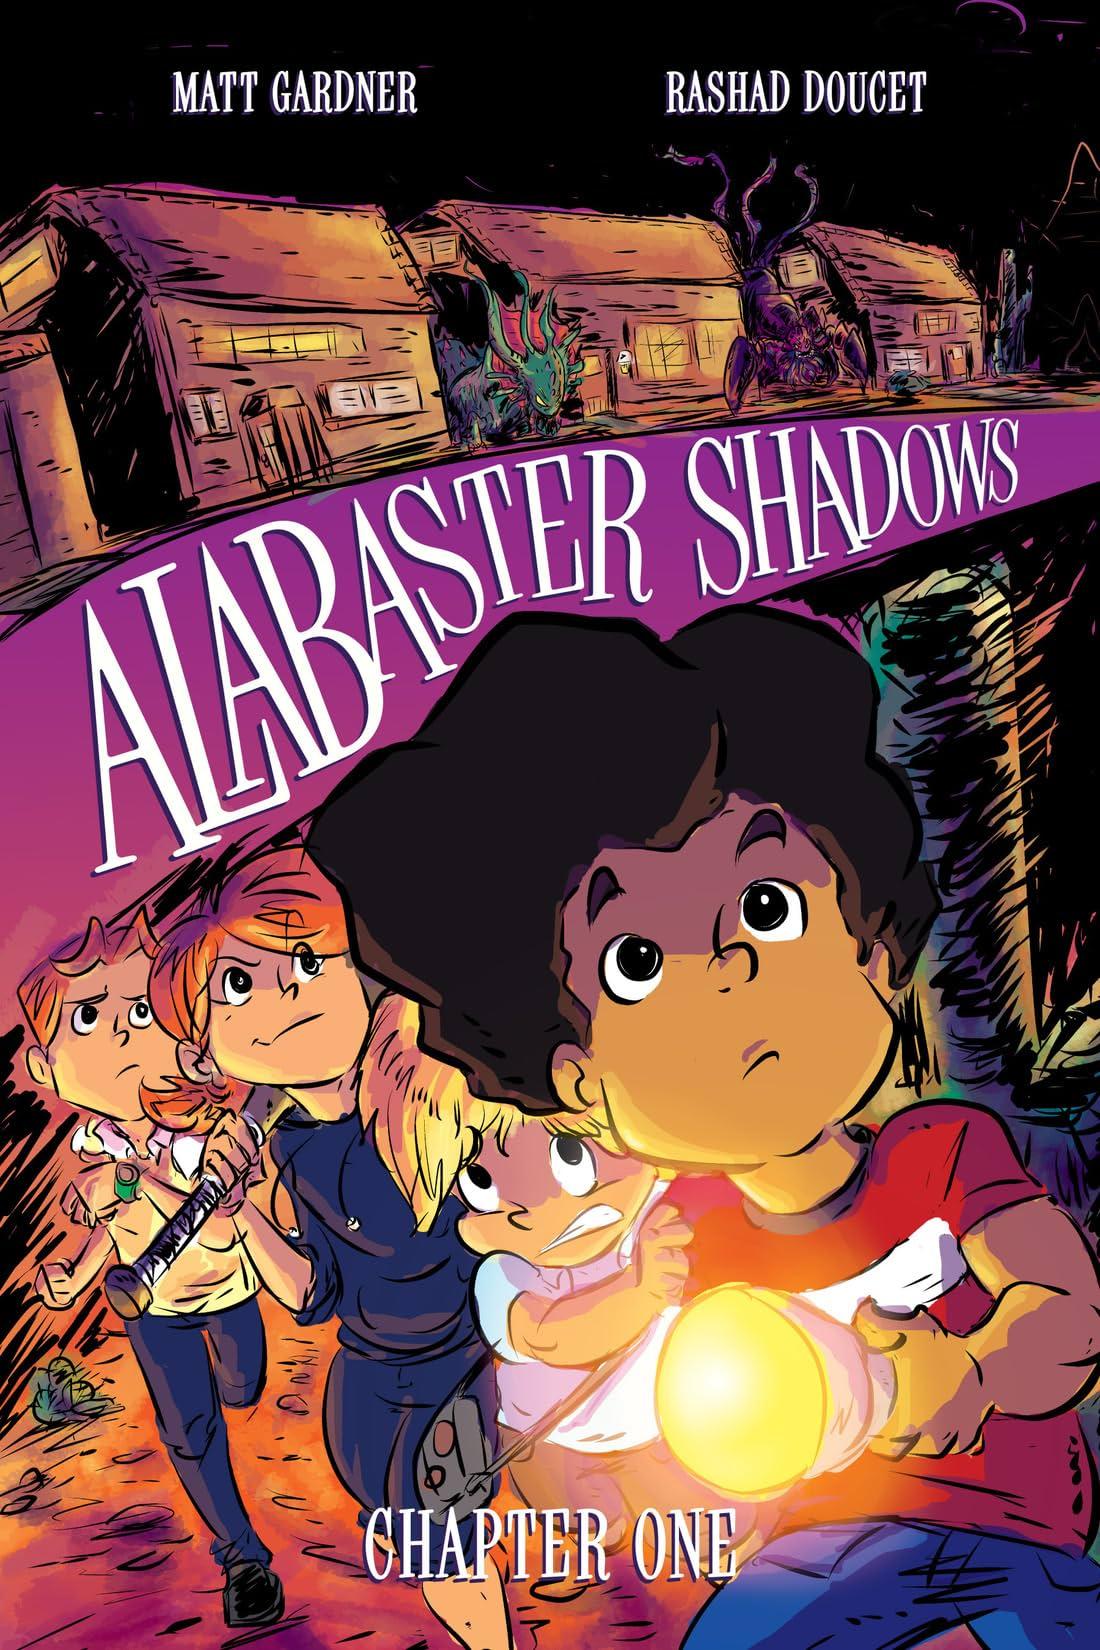 Alabaster Shadows #1